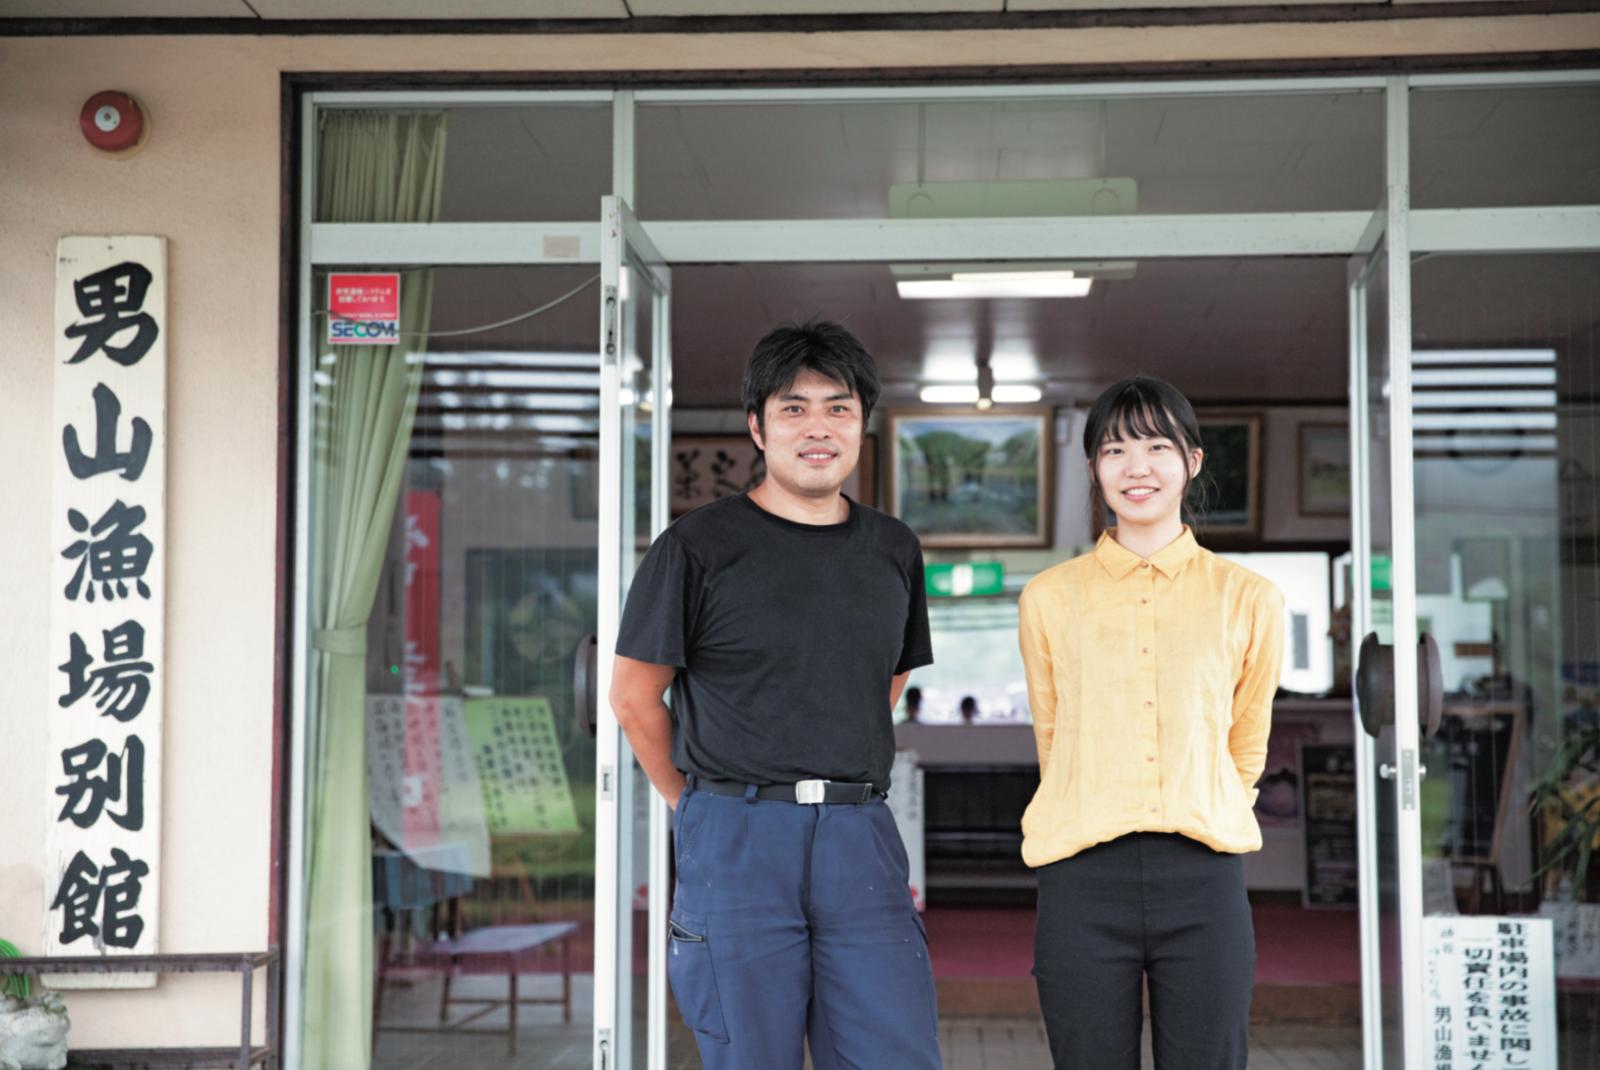 千葉県出身で法政大学休学中のインターン生の園部さん(右)と、『川口やな 男山漁場』の関さん(左)。